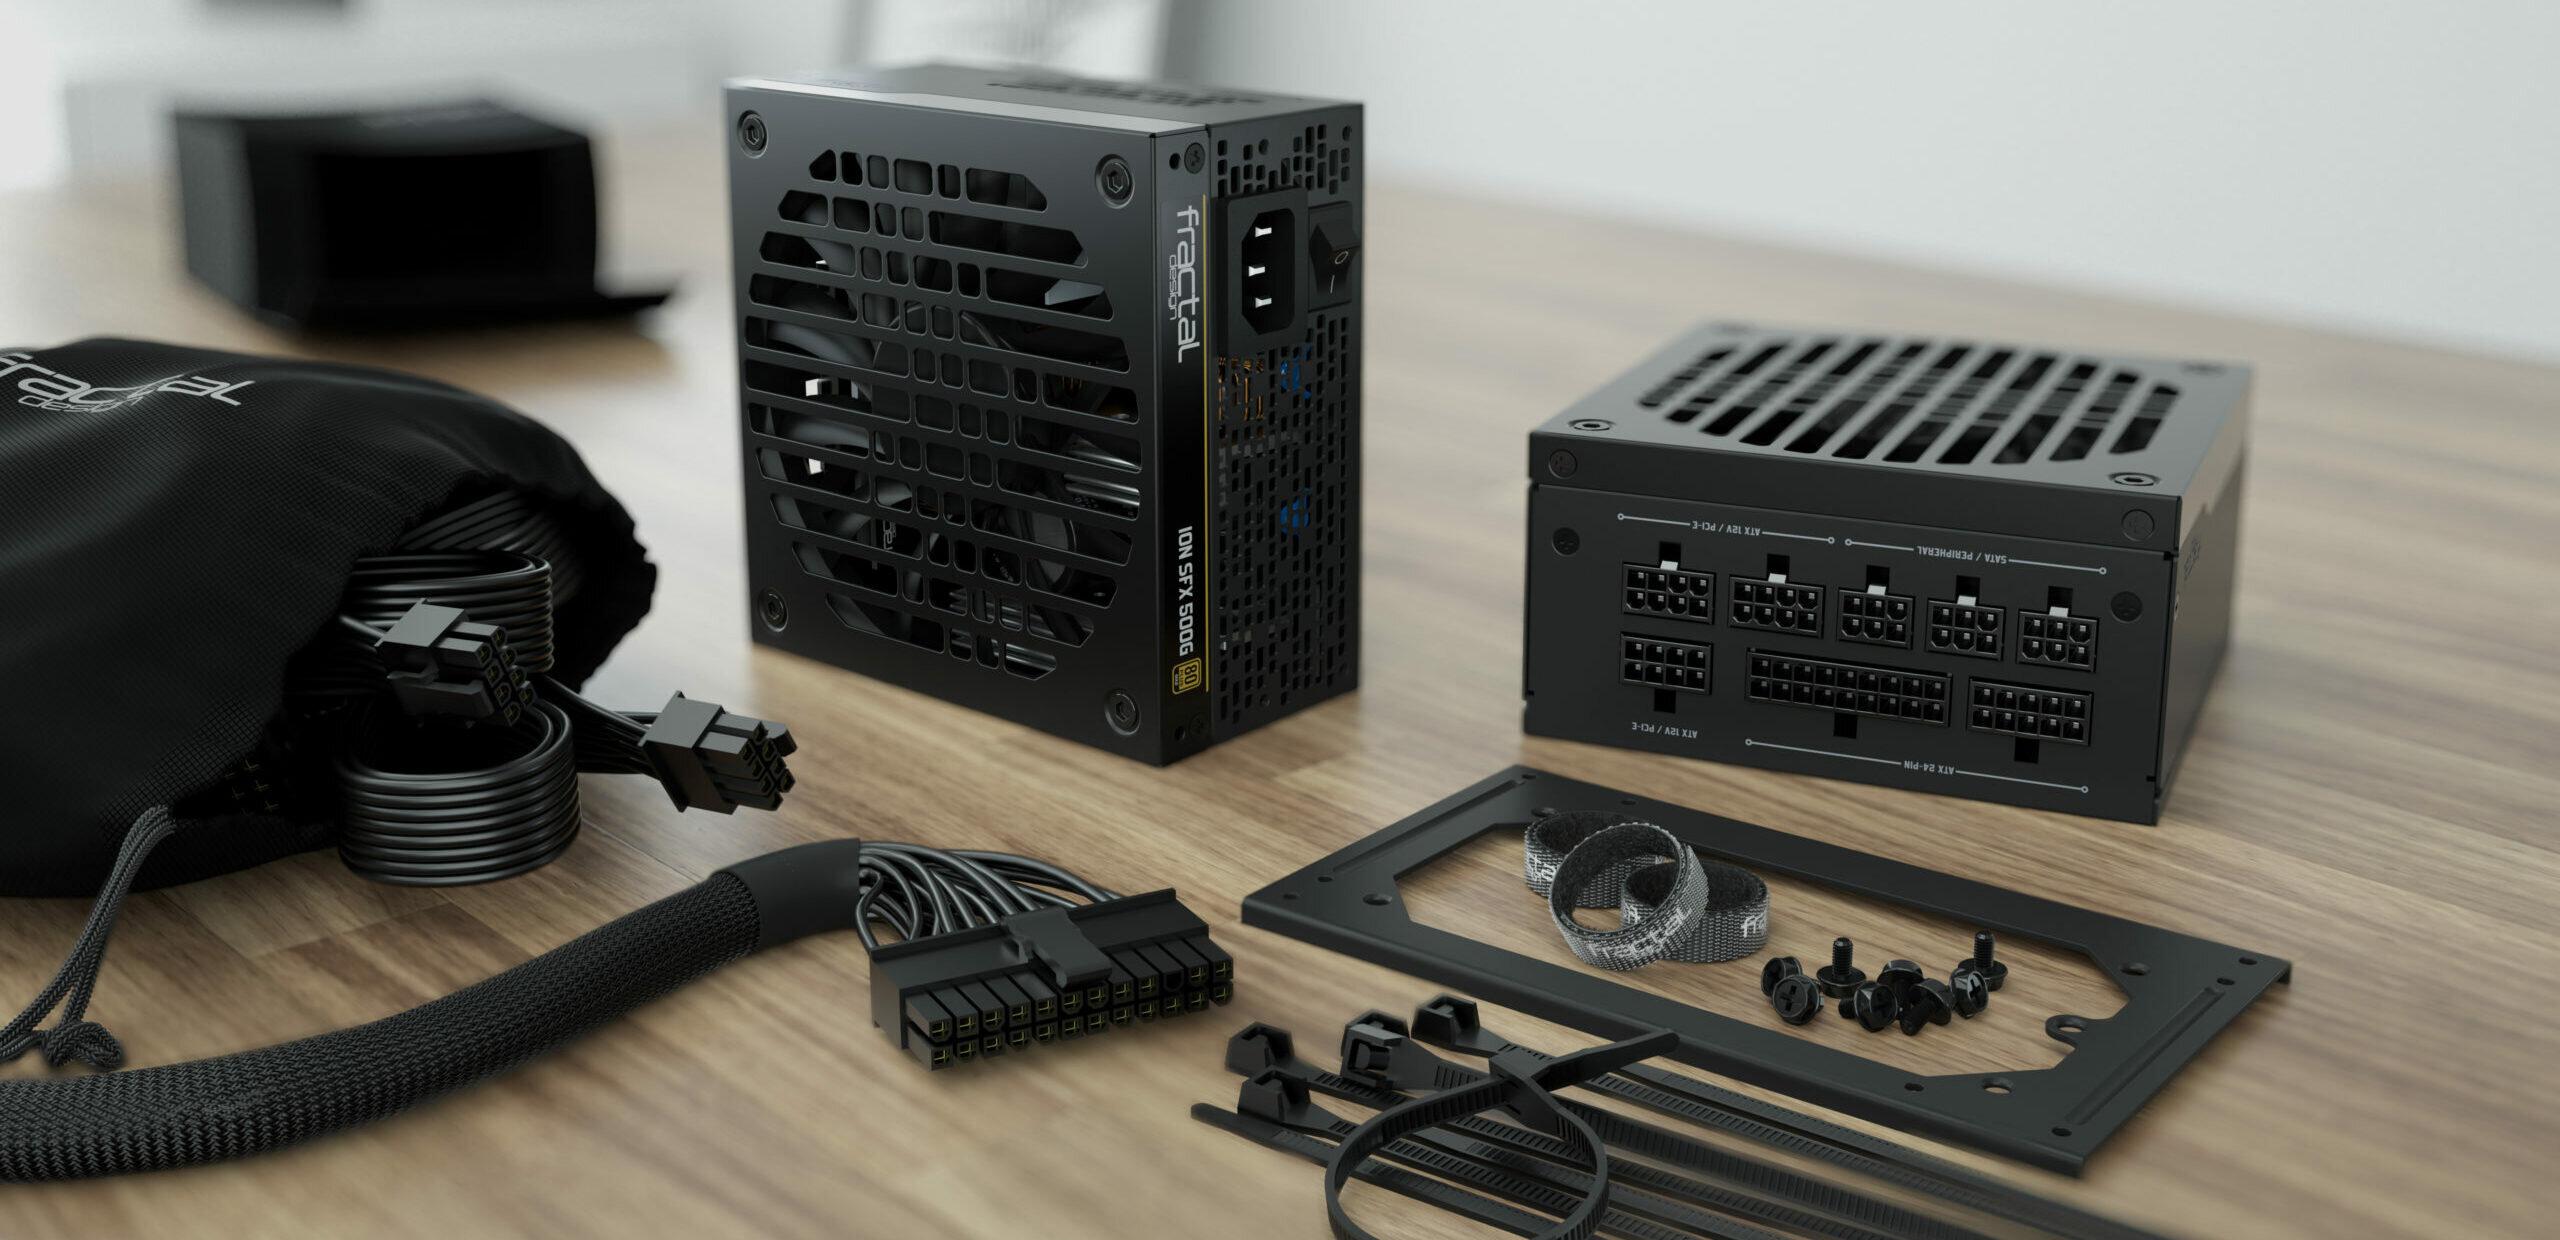 Ion 500/650 watts : Fractal Design dévoile ses alimentations SFX-L modulaires et semi-passives